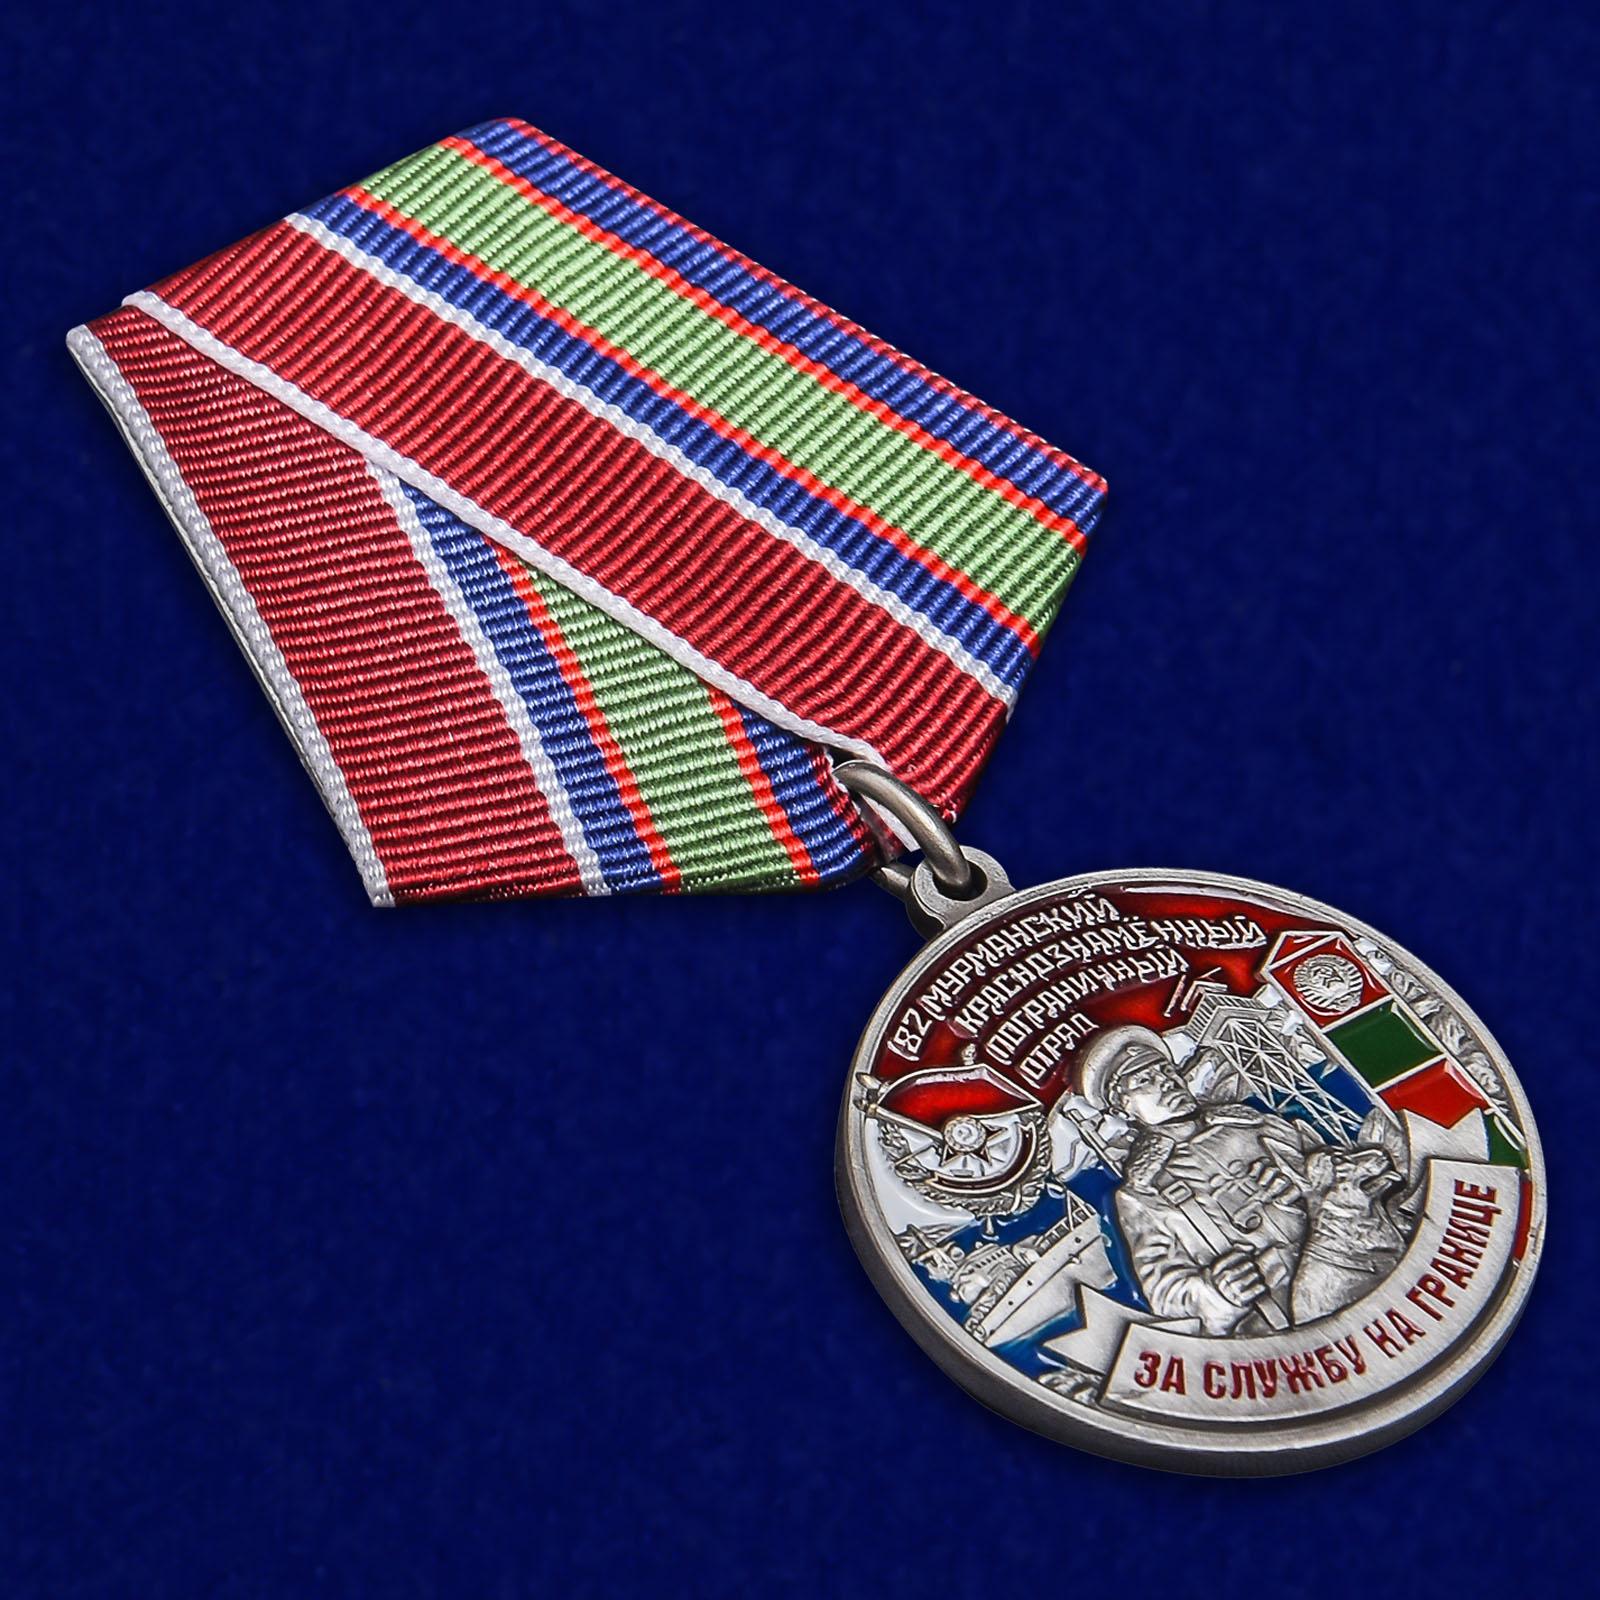 """Купить медаль Погранвойск """"За службу в Мурманском пограничном отряде"""""""